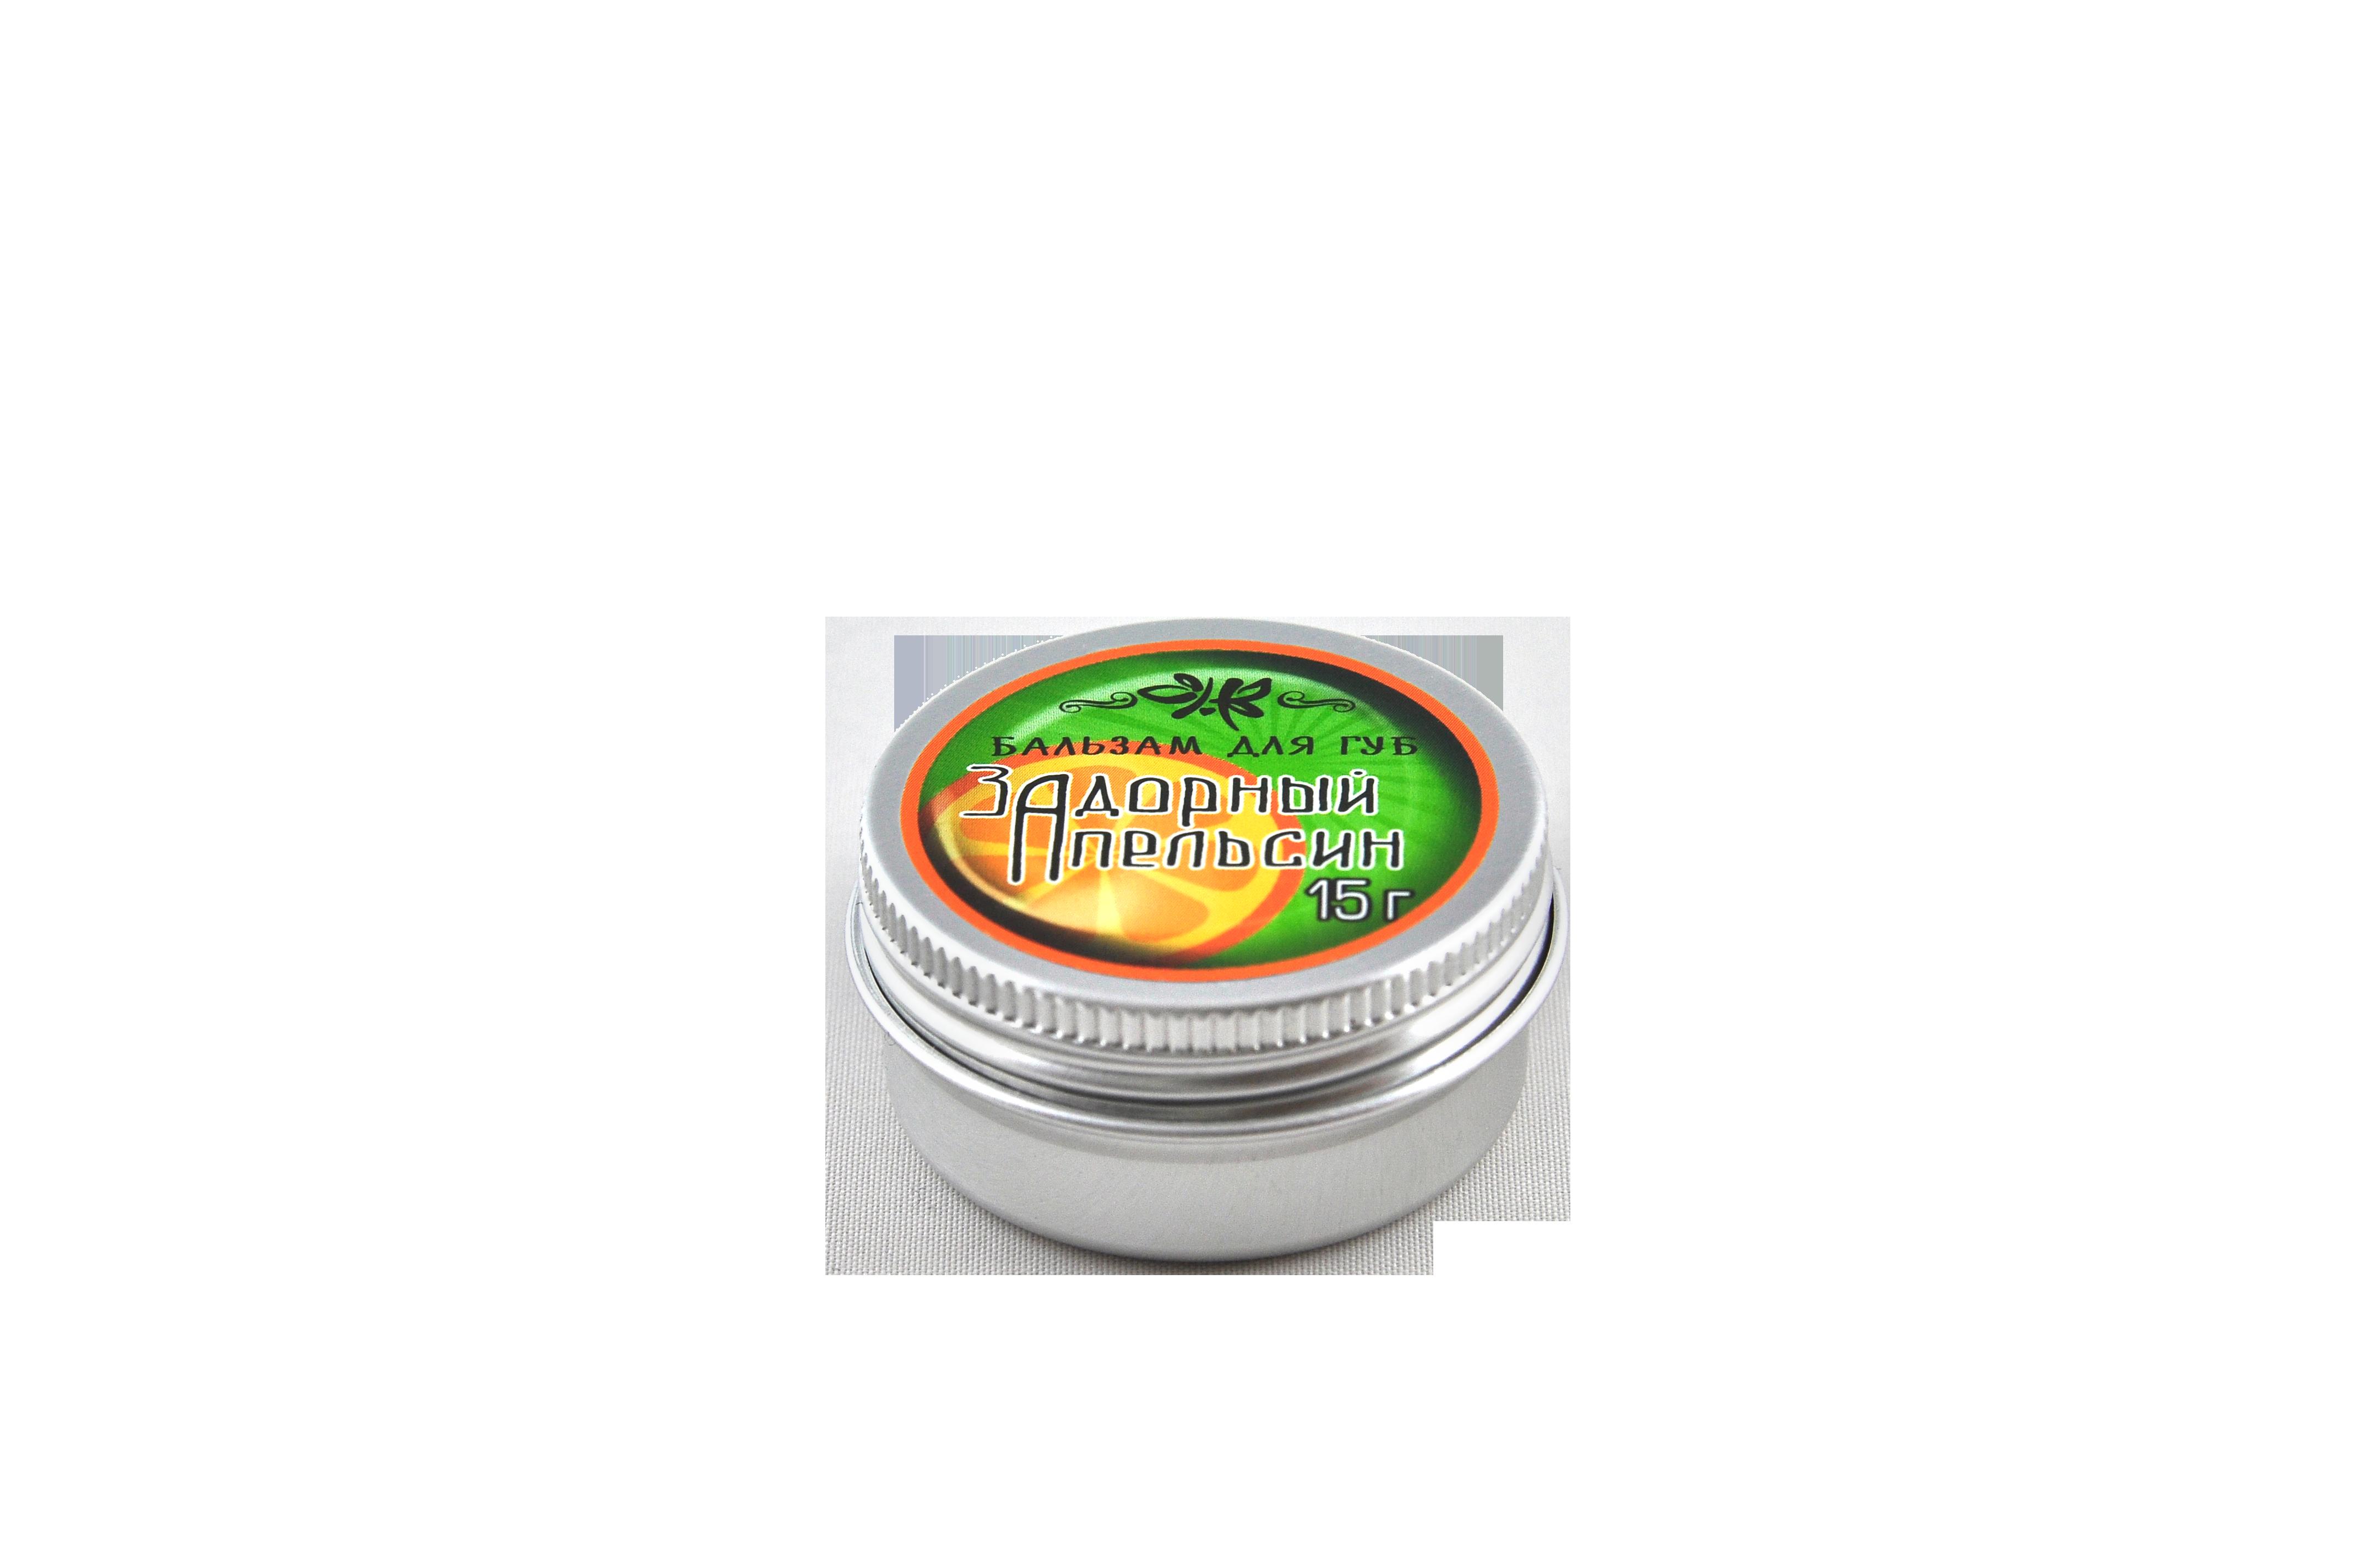 Бальзам для губ Задорный апельсин 15г за 170 руб